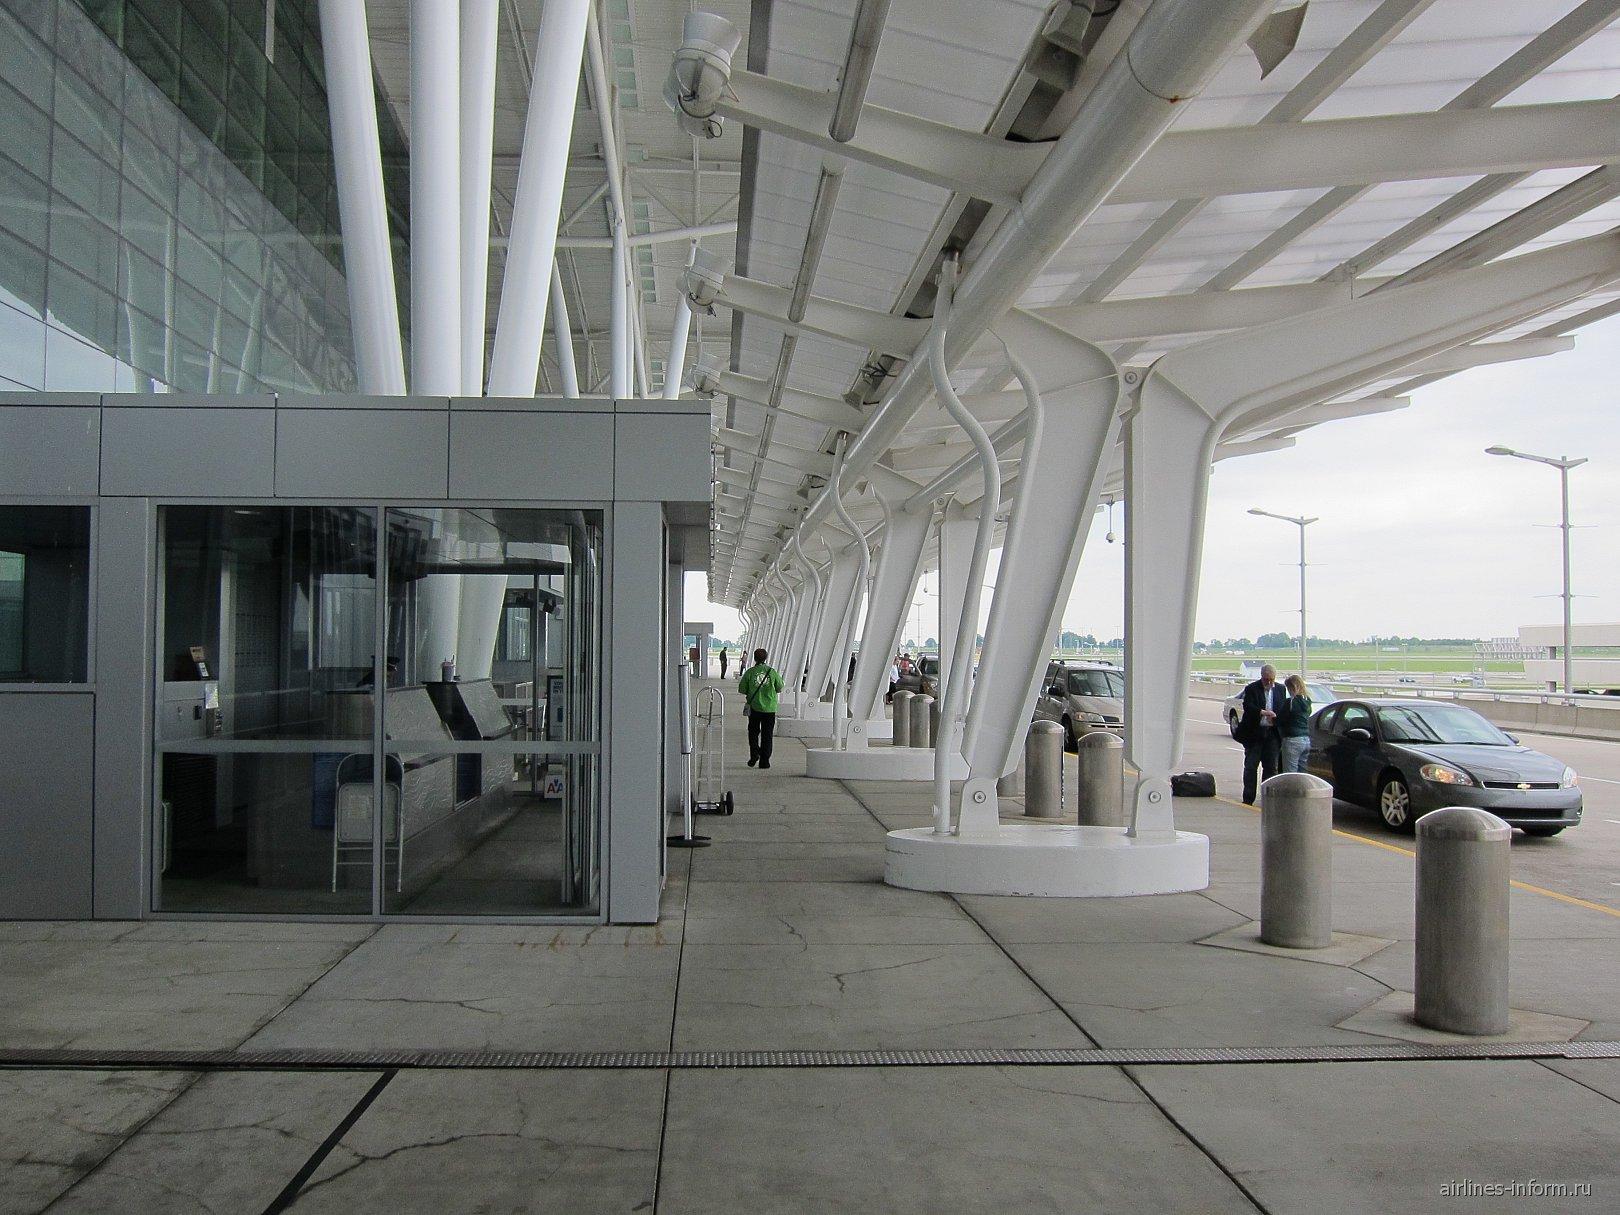 Вход в аэровокзал аэропорта Индианаполис